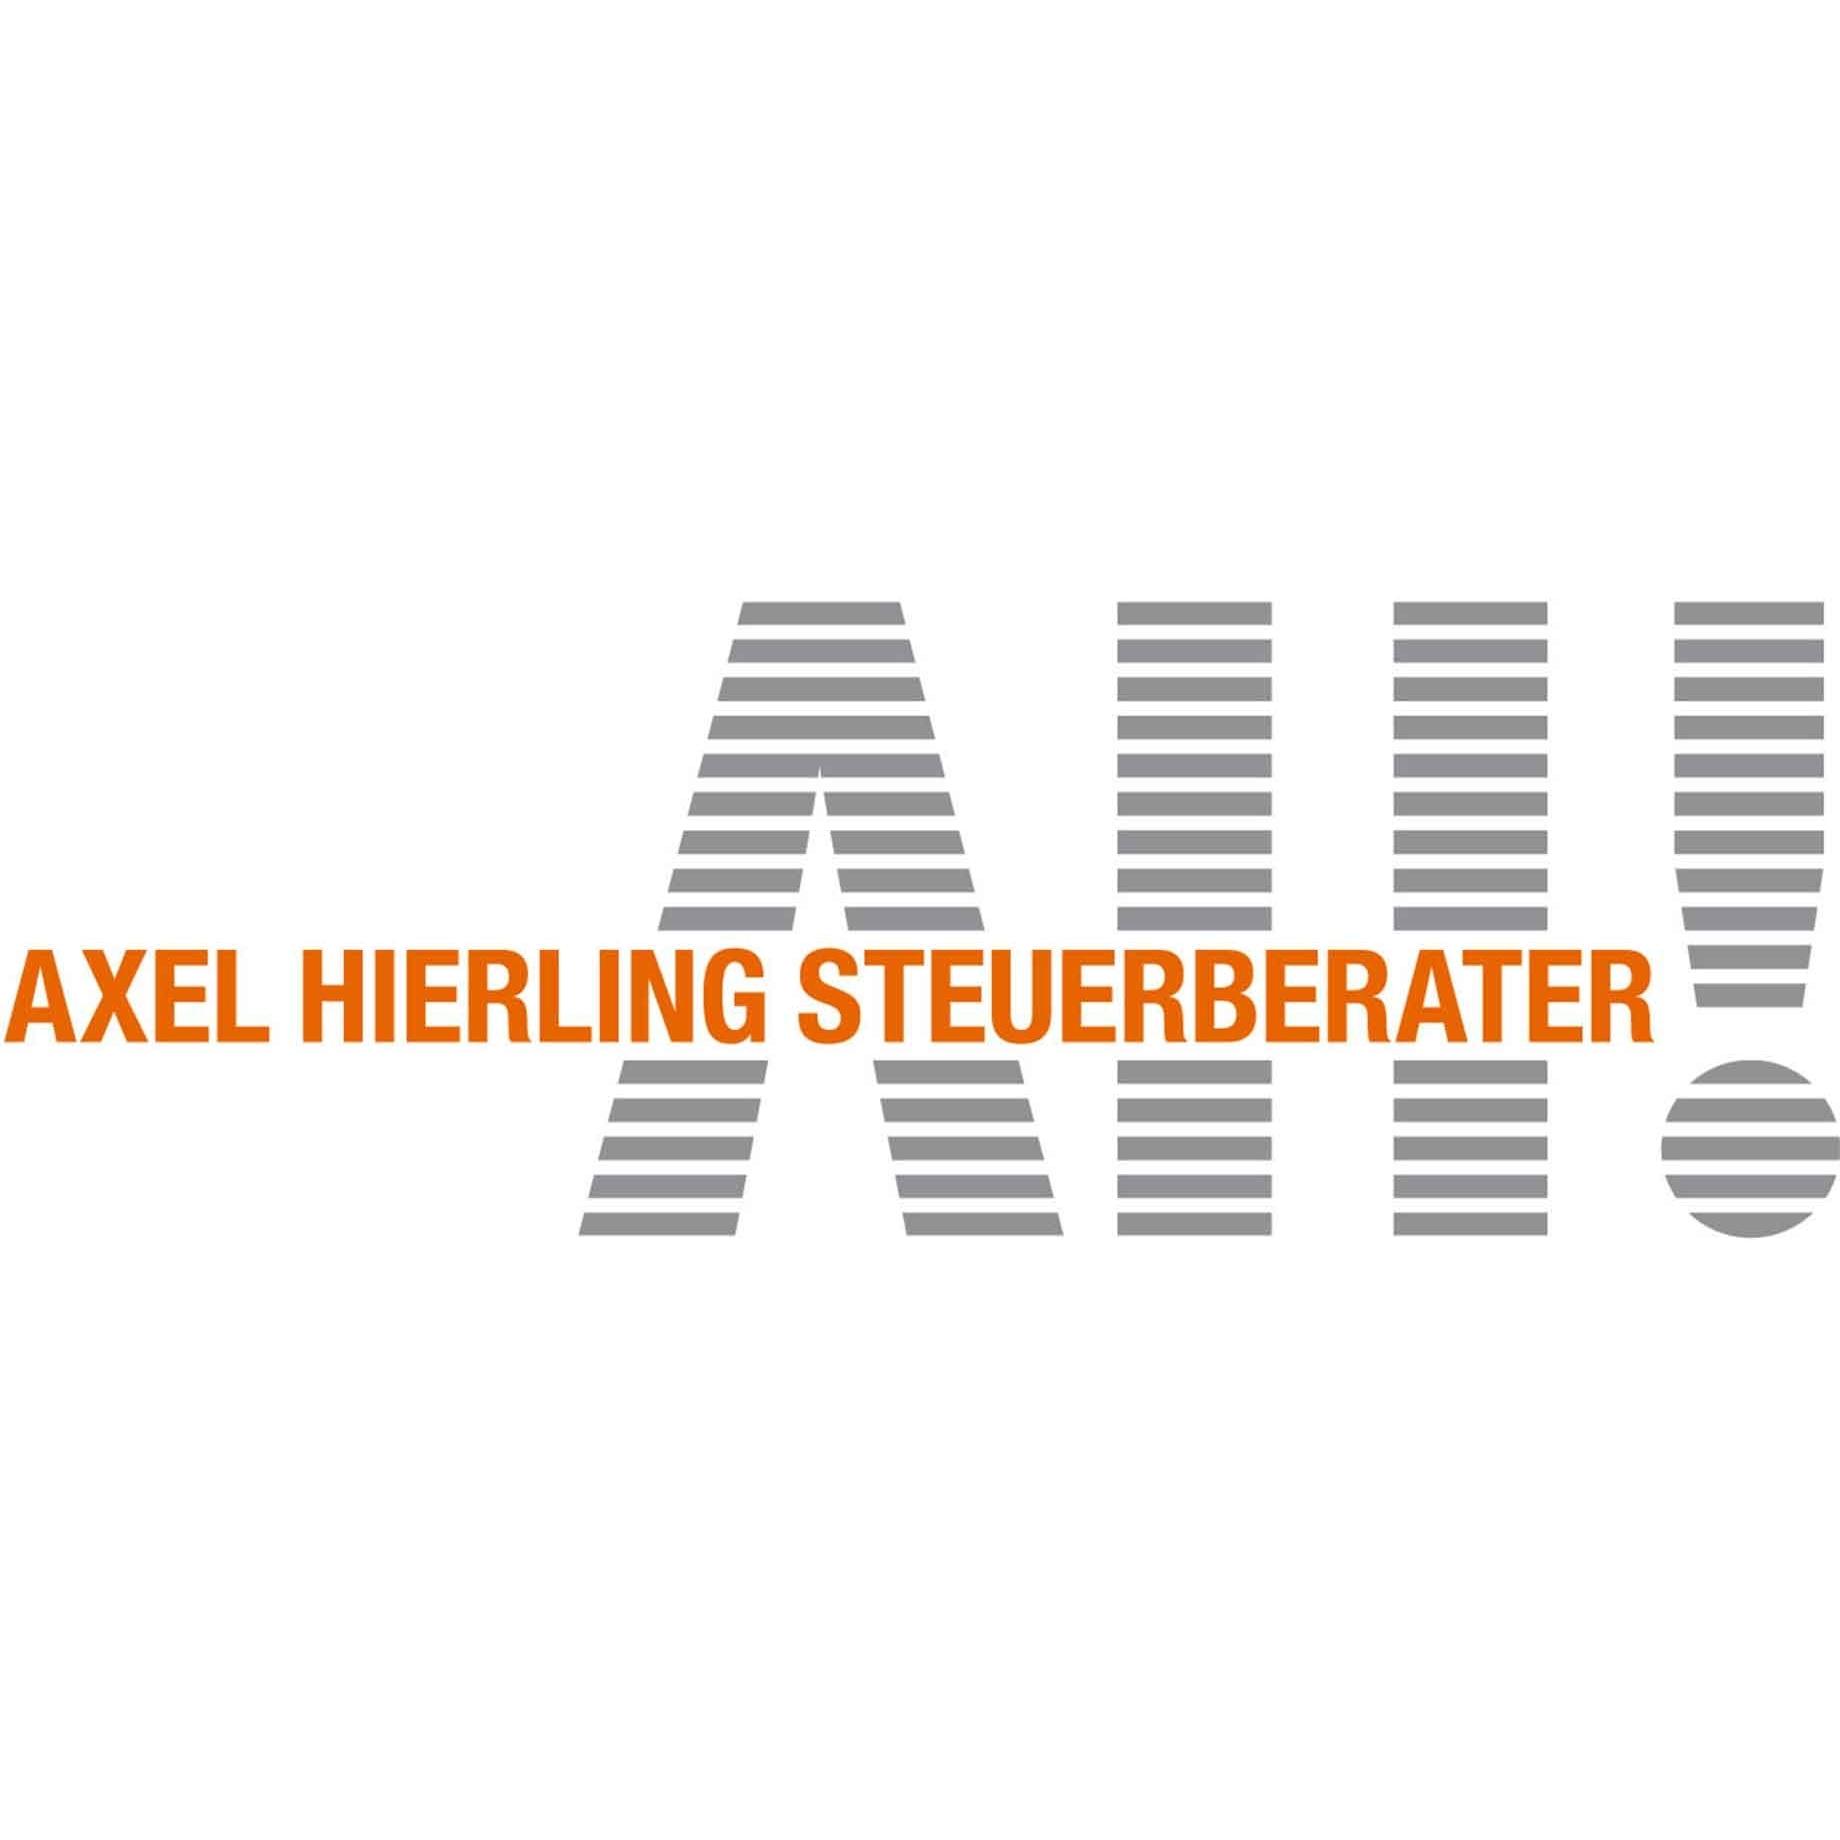 Logo von Axel Hierling Steuerberater